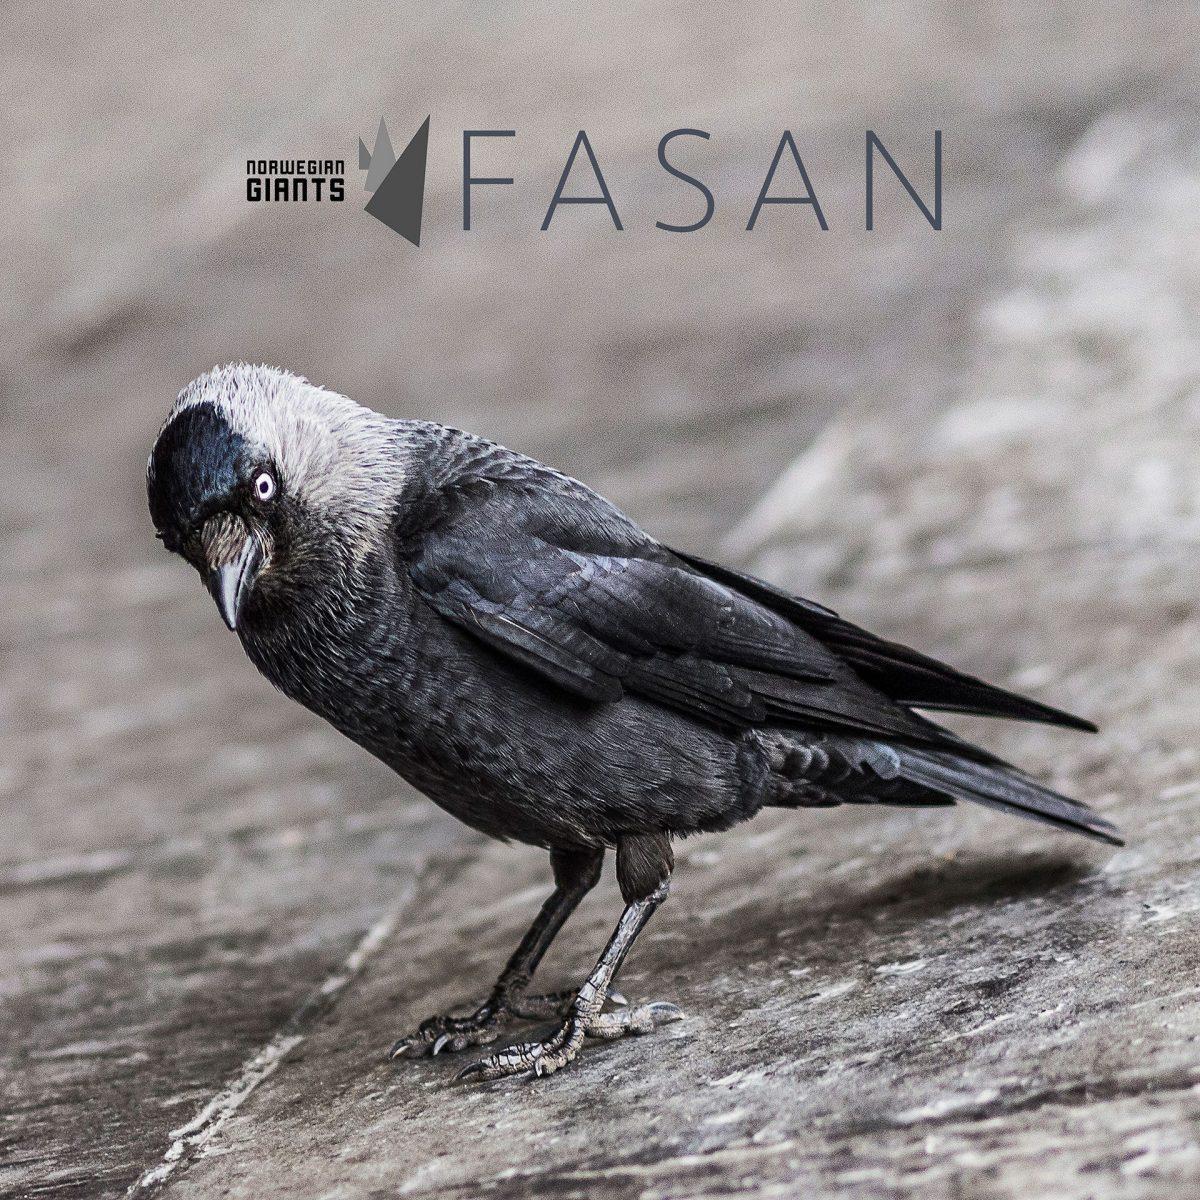 Norwegian Giants - Fasan